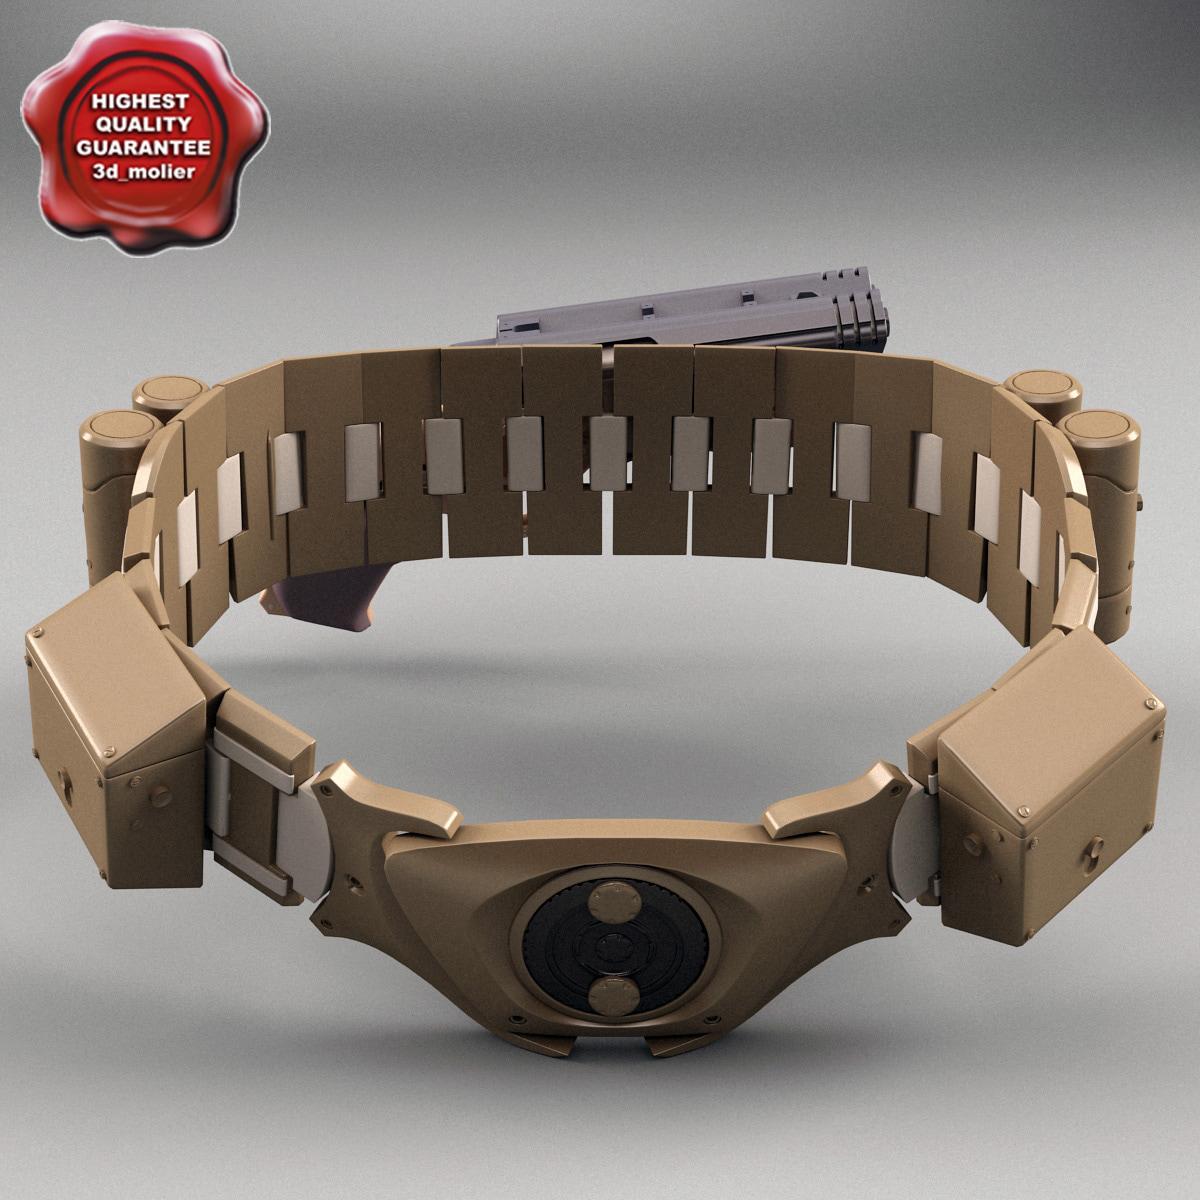 3ds max batman belt